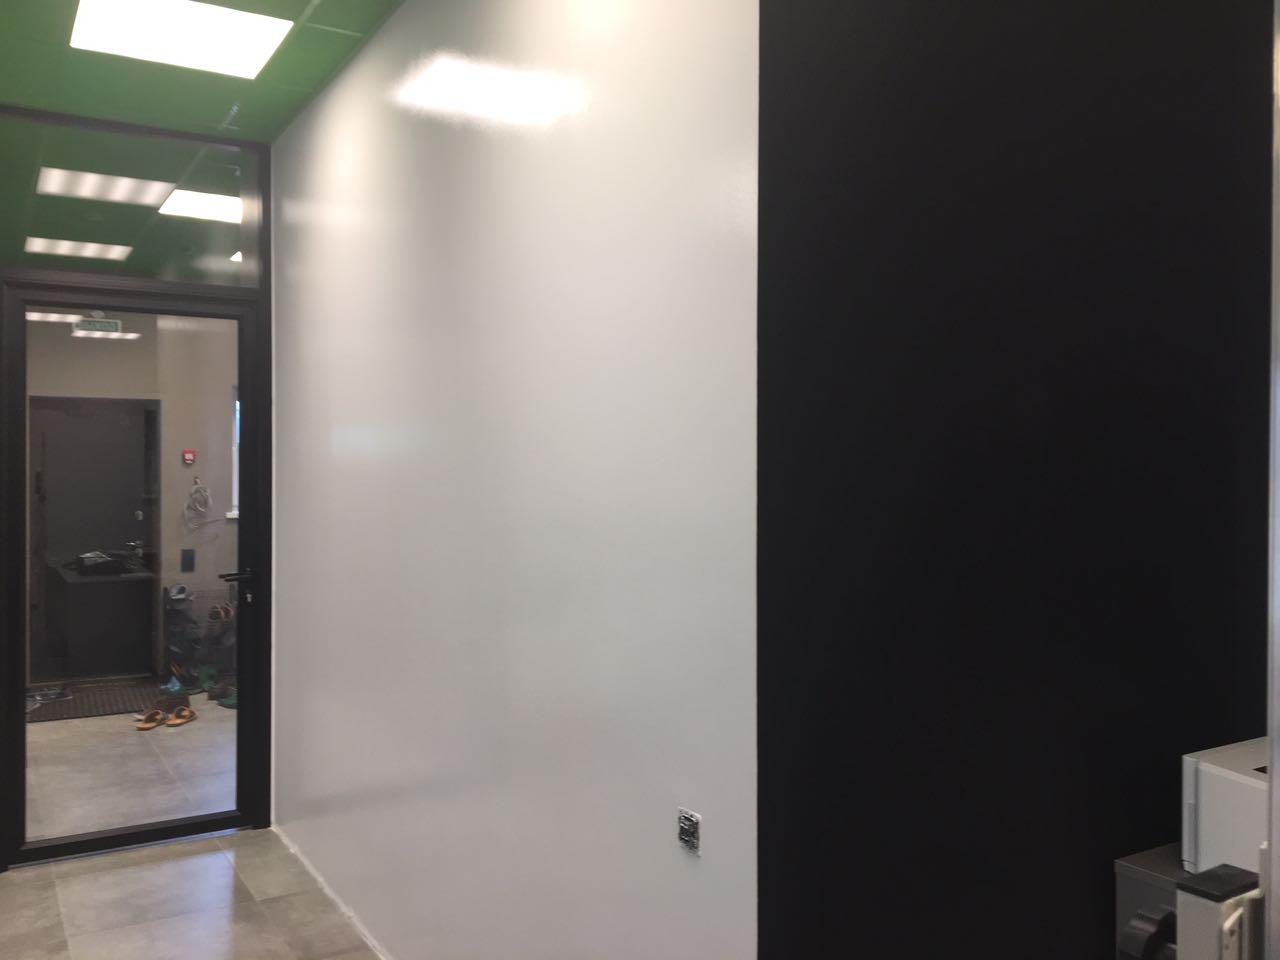 Магнитно маркерная стена в Екатеринбурге